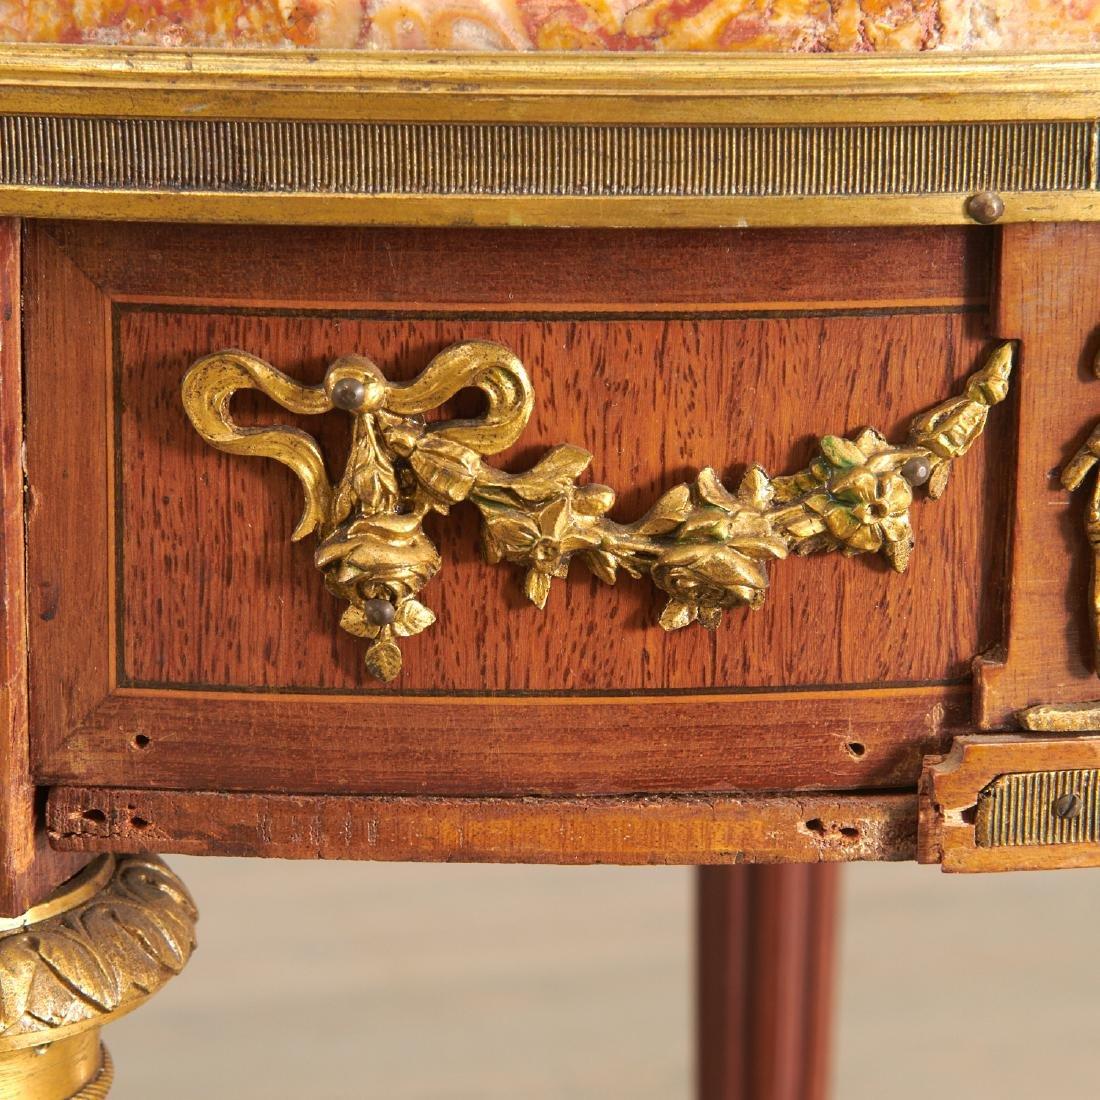 Louis XVI style mahogany marble top gueridon - 4